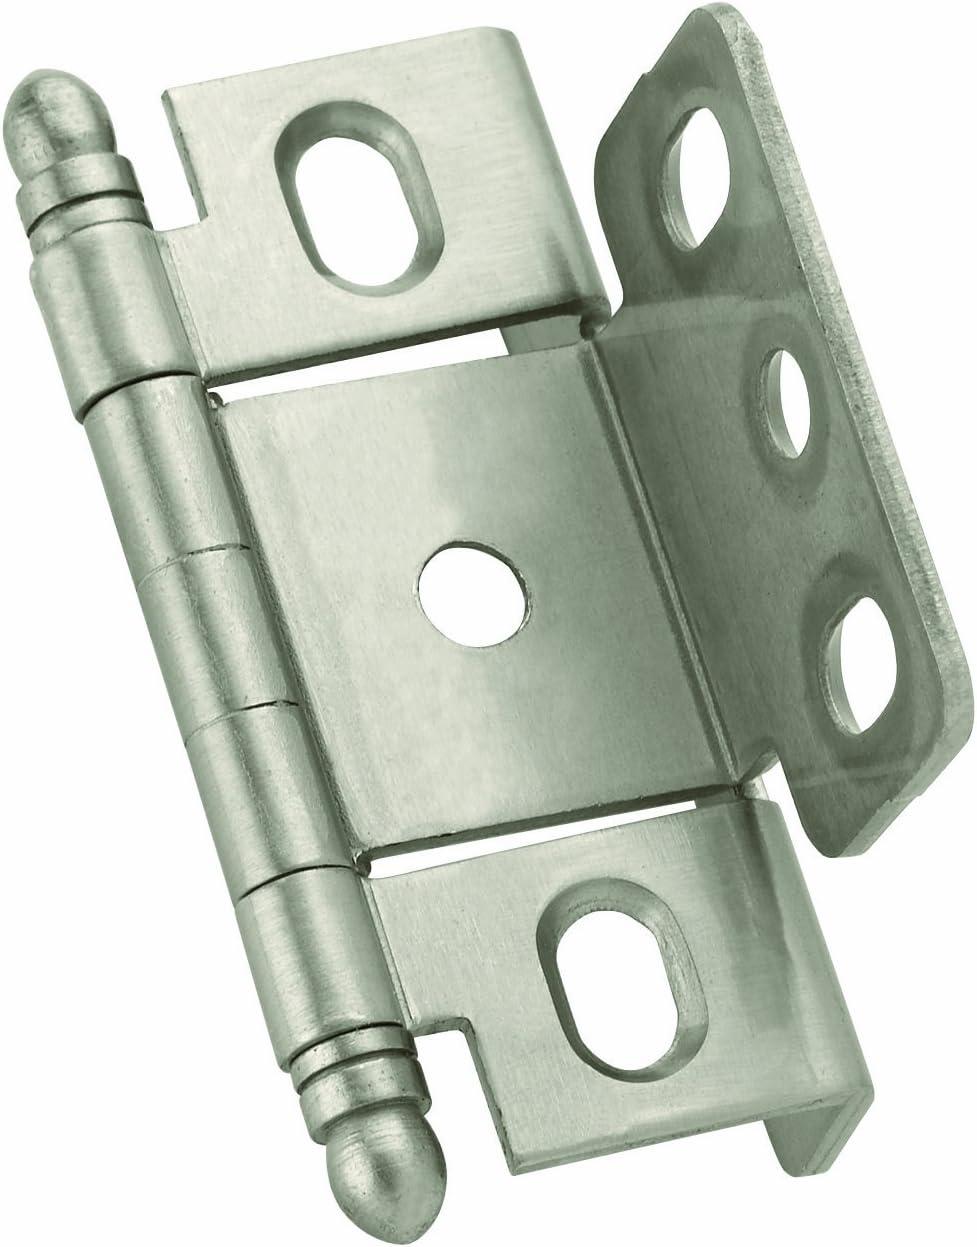 Boston Gear PLASTIC TIME BELT 9MM 3M089090 Qty. of 10